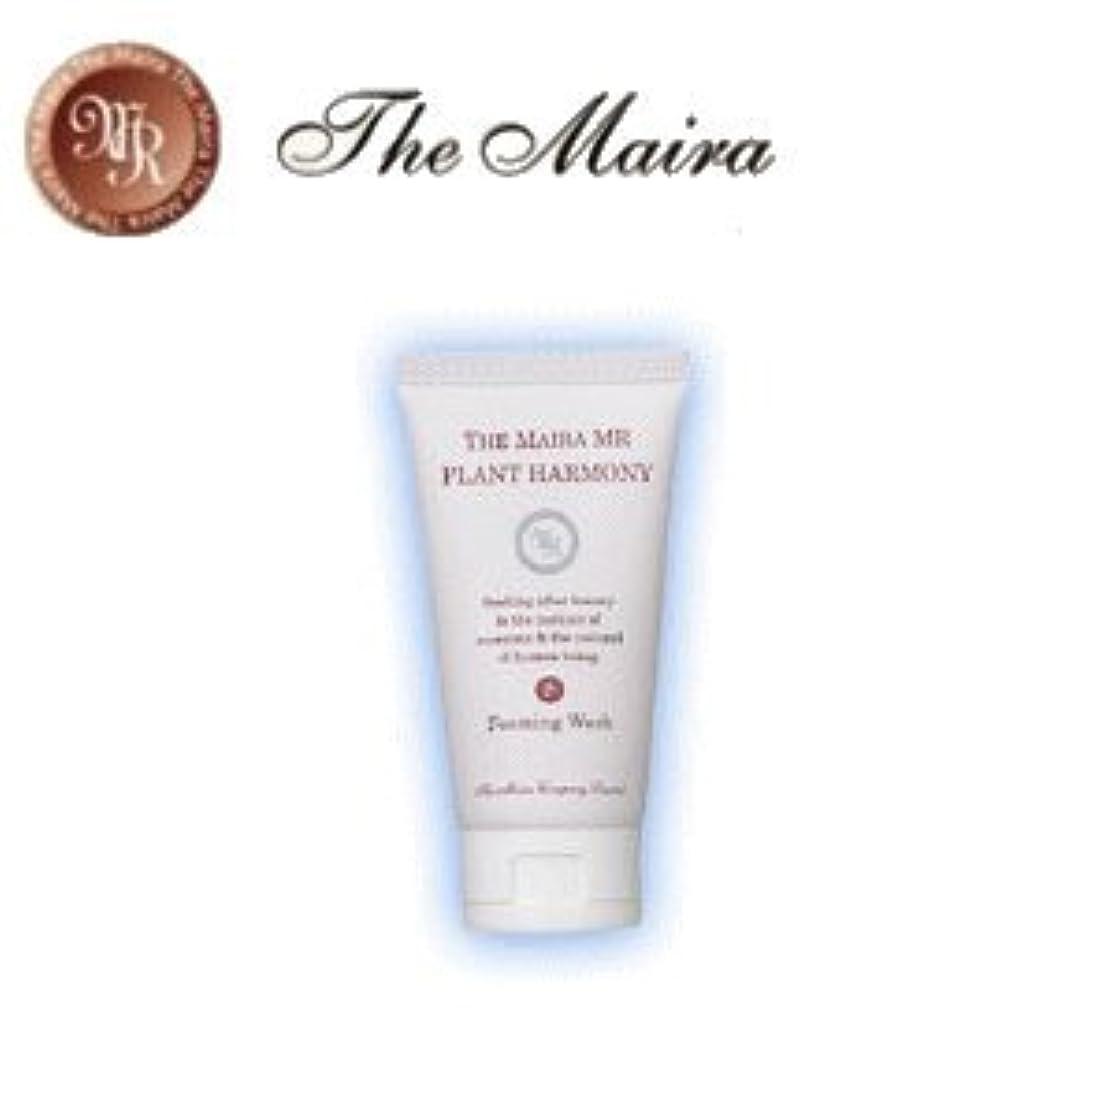 免疫労苦する必要があるThe Maira(ザ マイラ) MRプランタハーモニーフォーミングウォッシュ85g 美容 洗顔フェイシャル